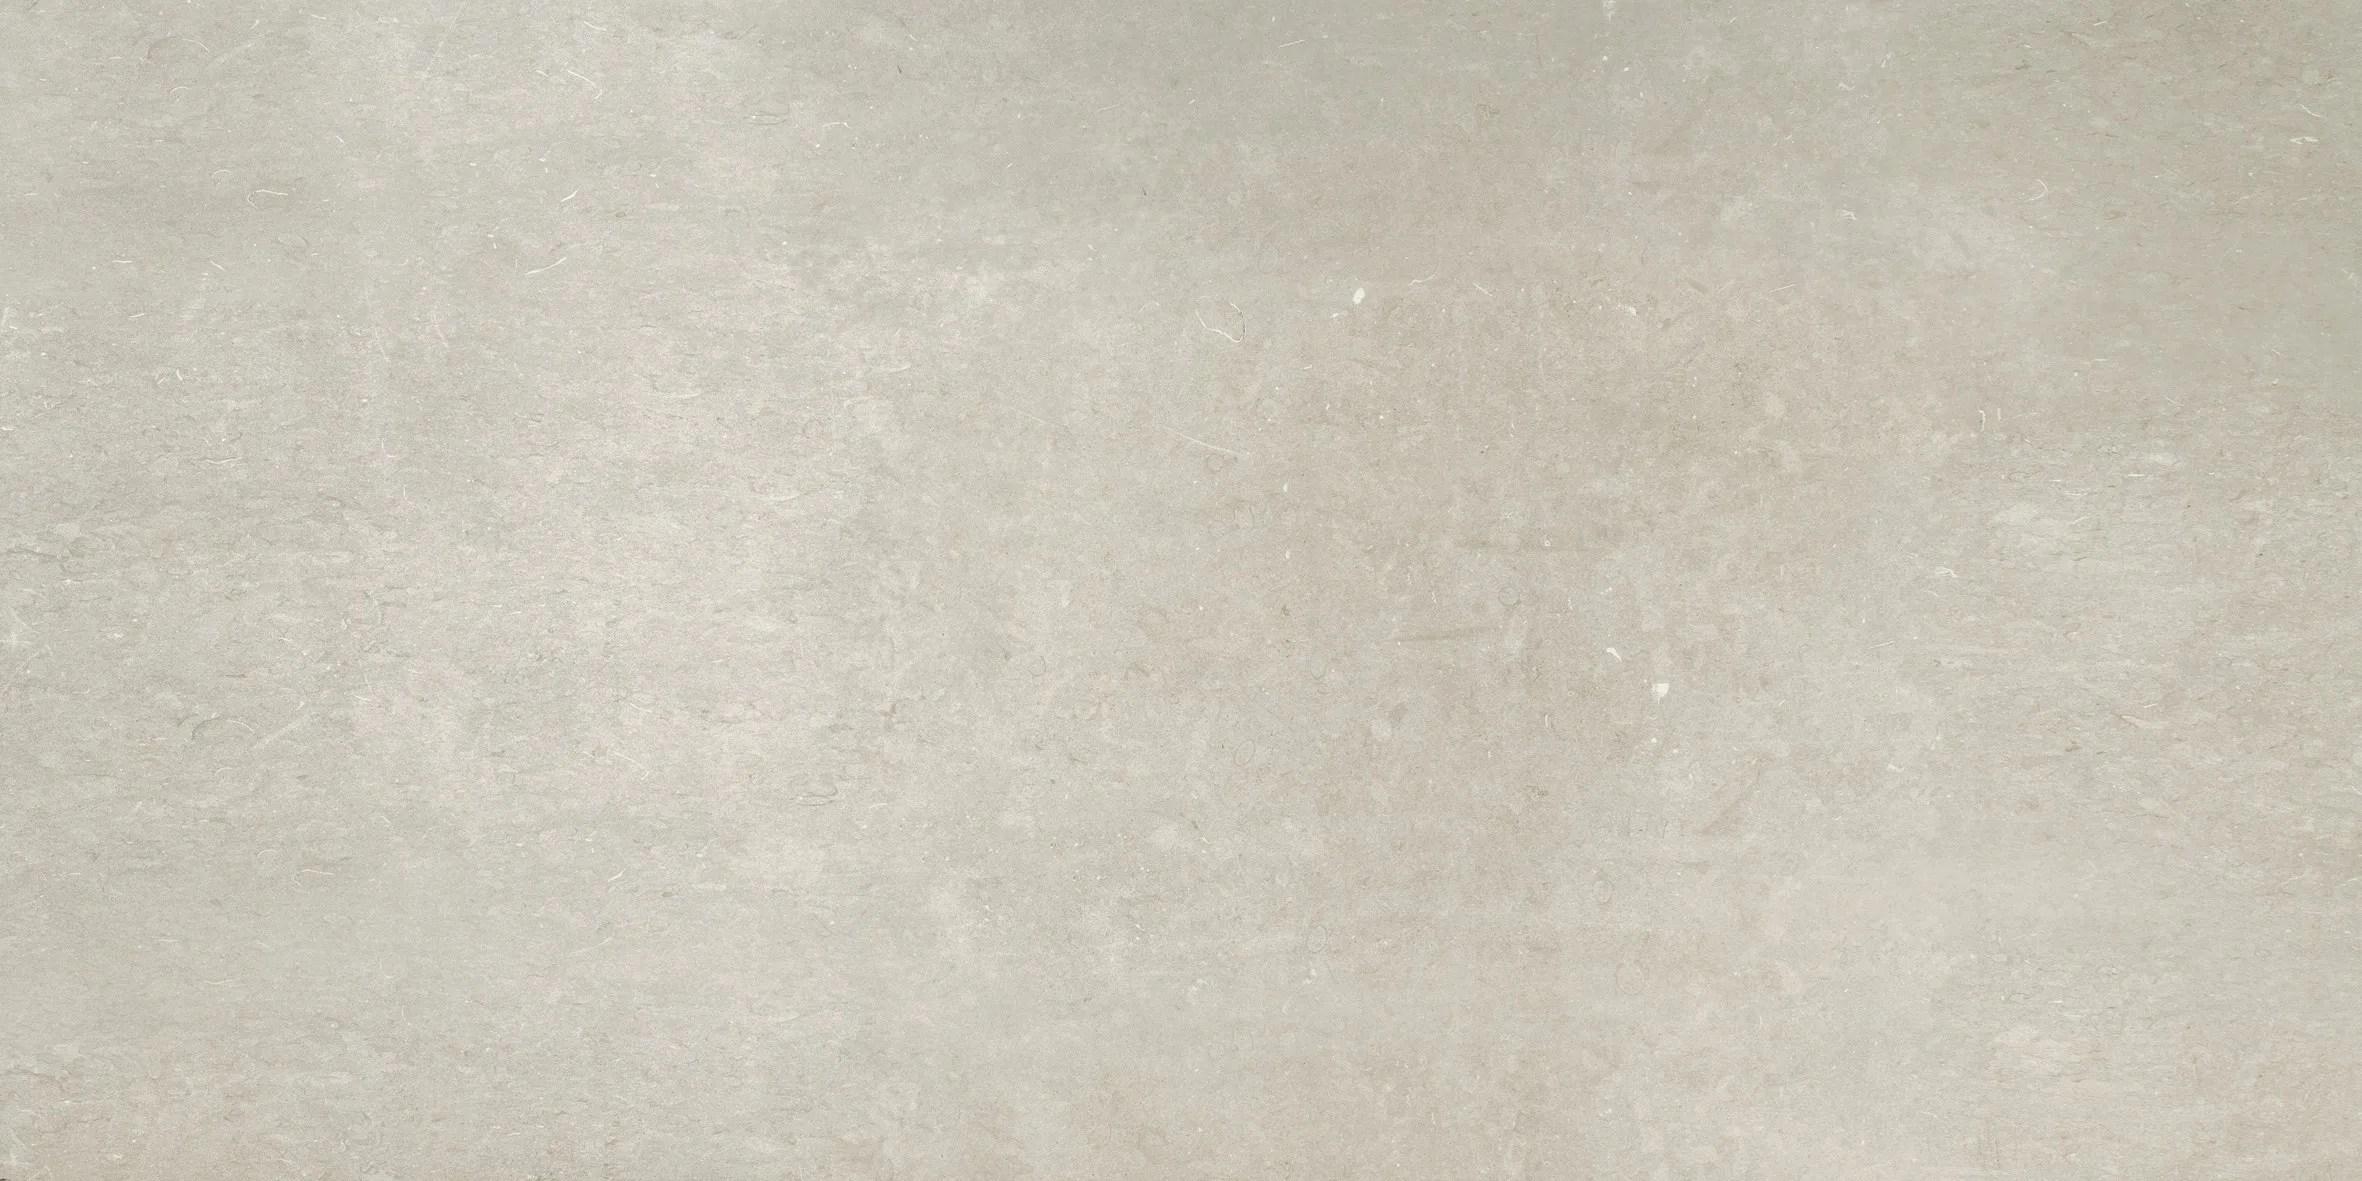 Piastrella bianca texture texture piastrelle cucina piastrelle